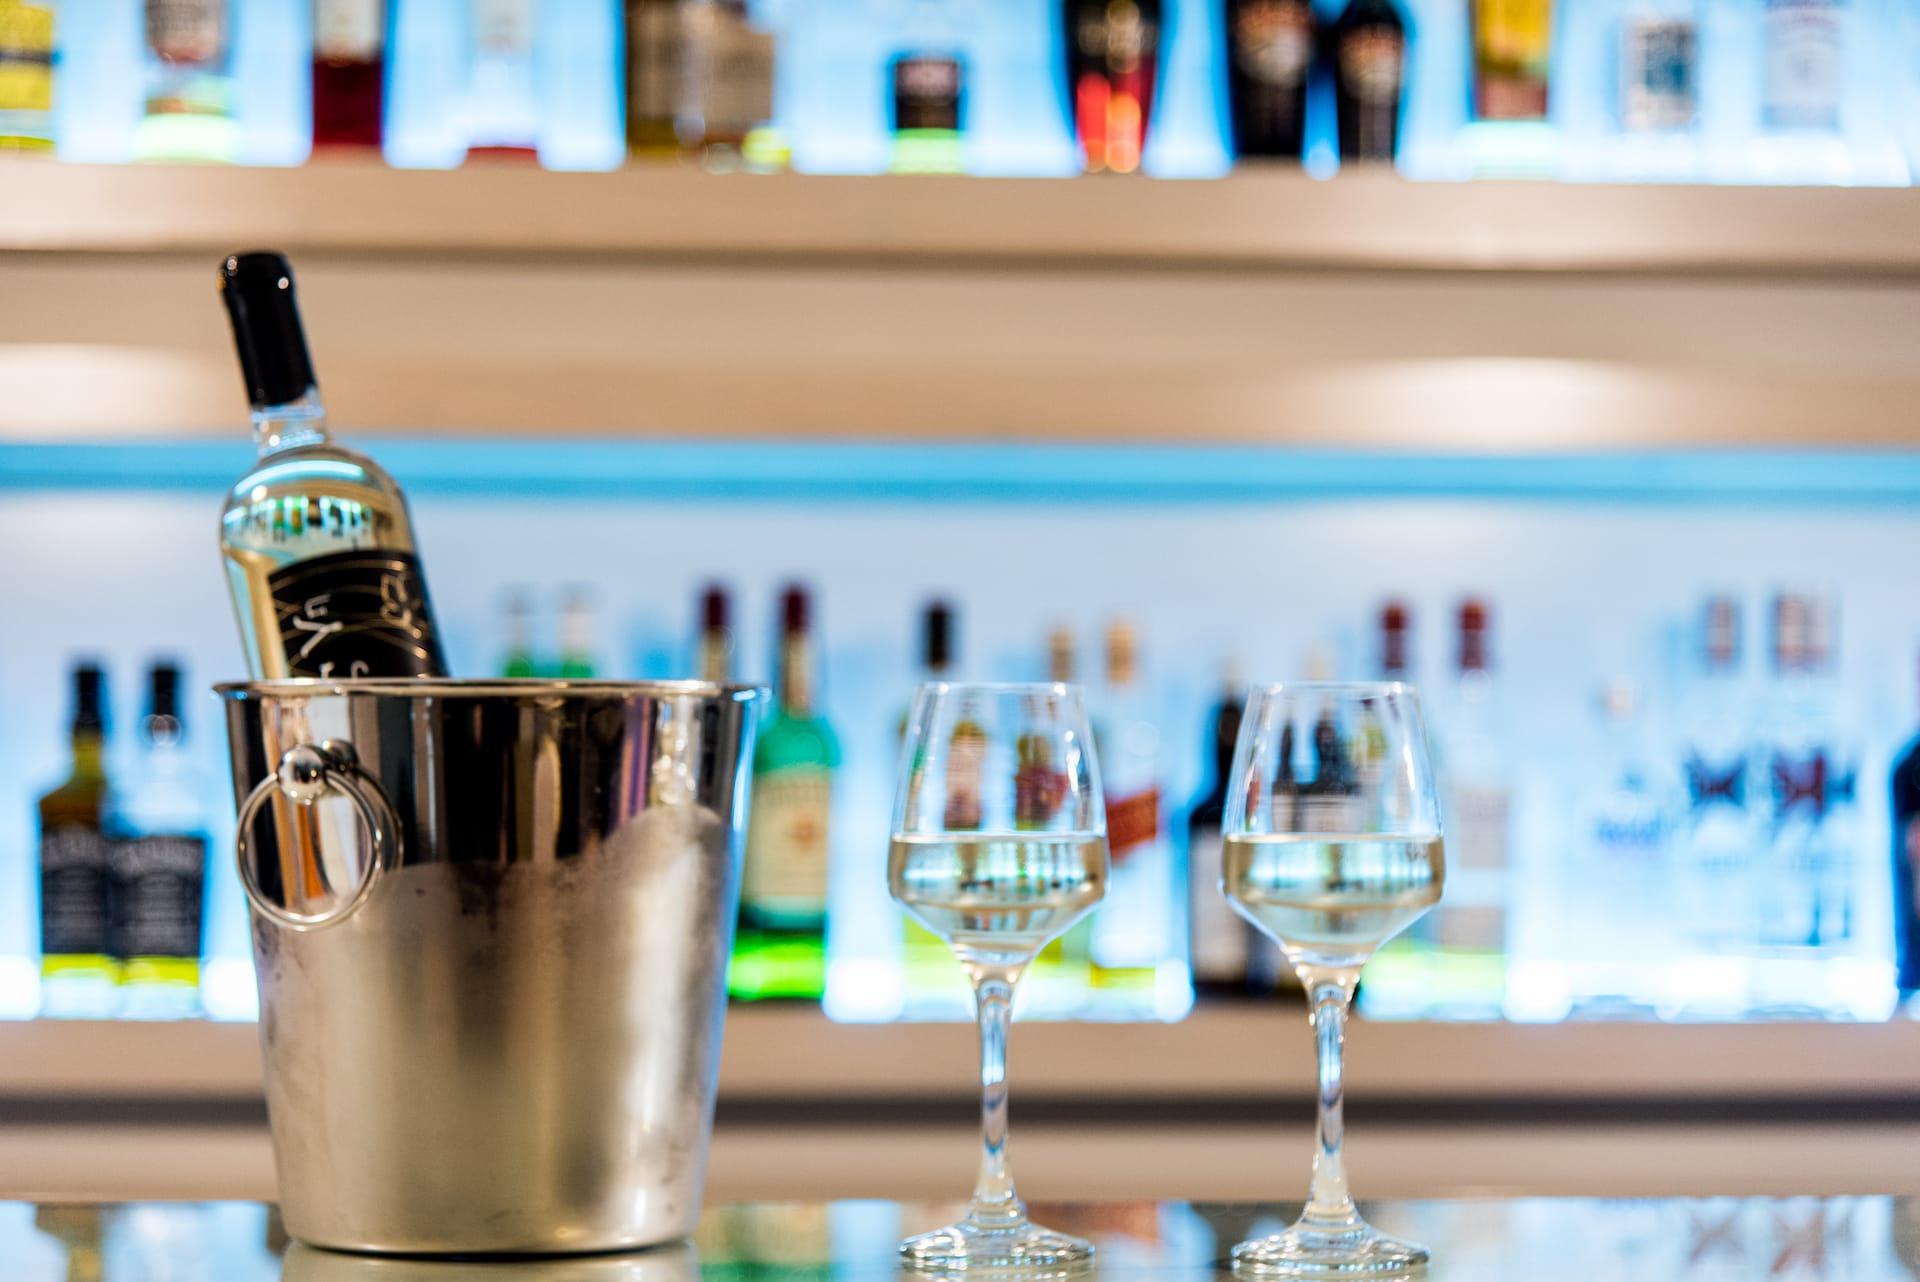 Σαμπανιέρα με παγωμένο κρασί και 2 ποτήρια στο μπαρ του ξενοδοχείου ημιδιαμονής Pines Hotel.